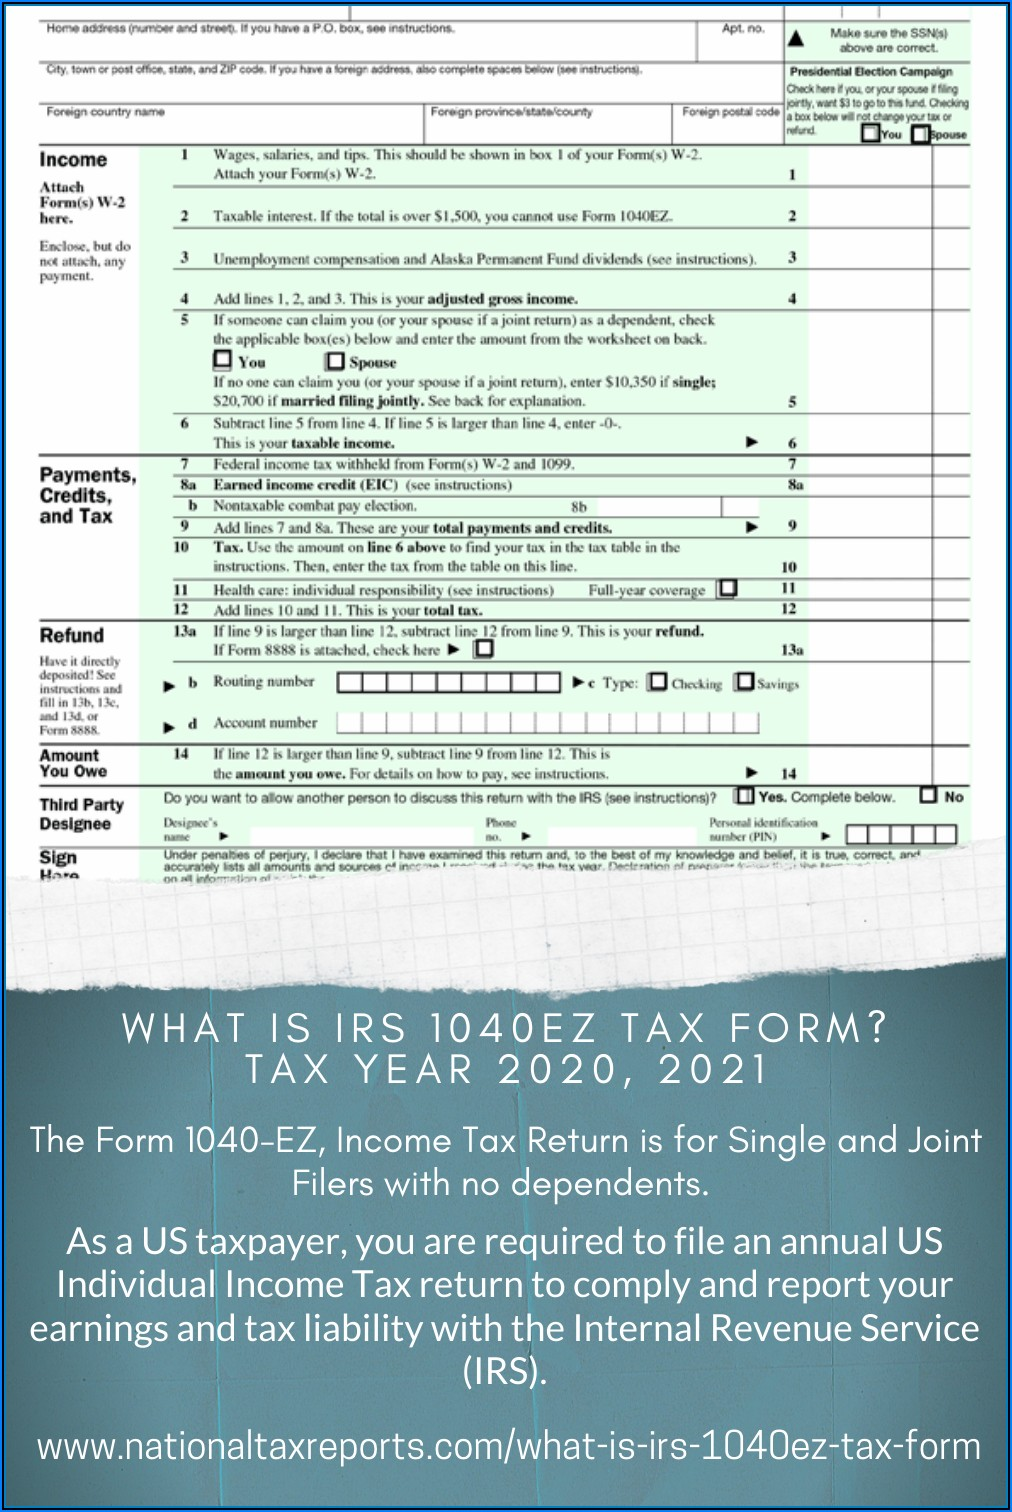 Irs 1040ez Tax Form